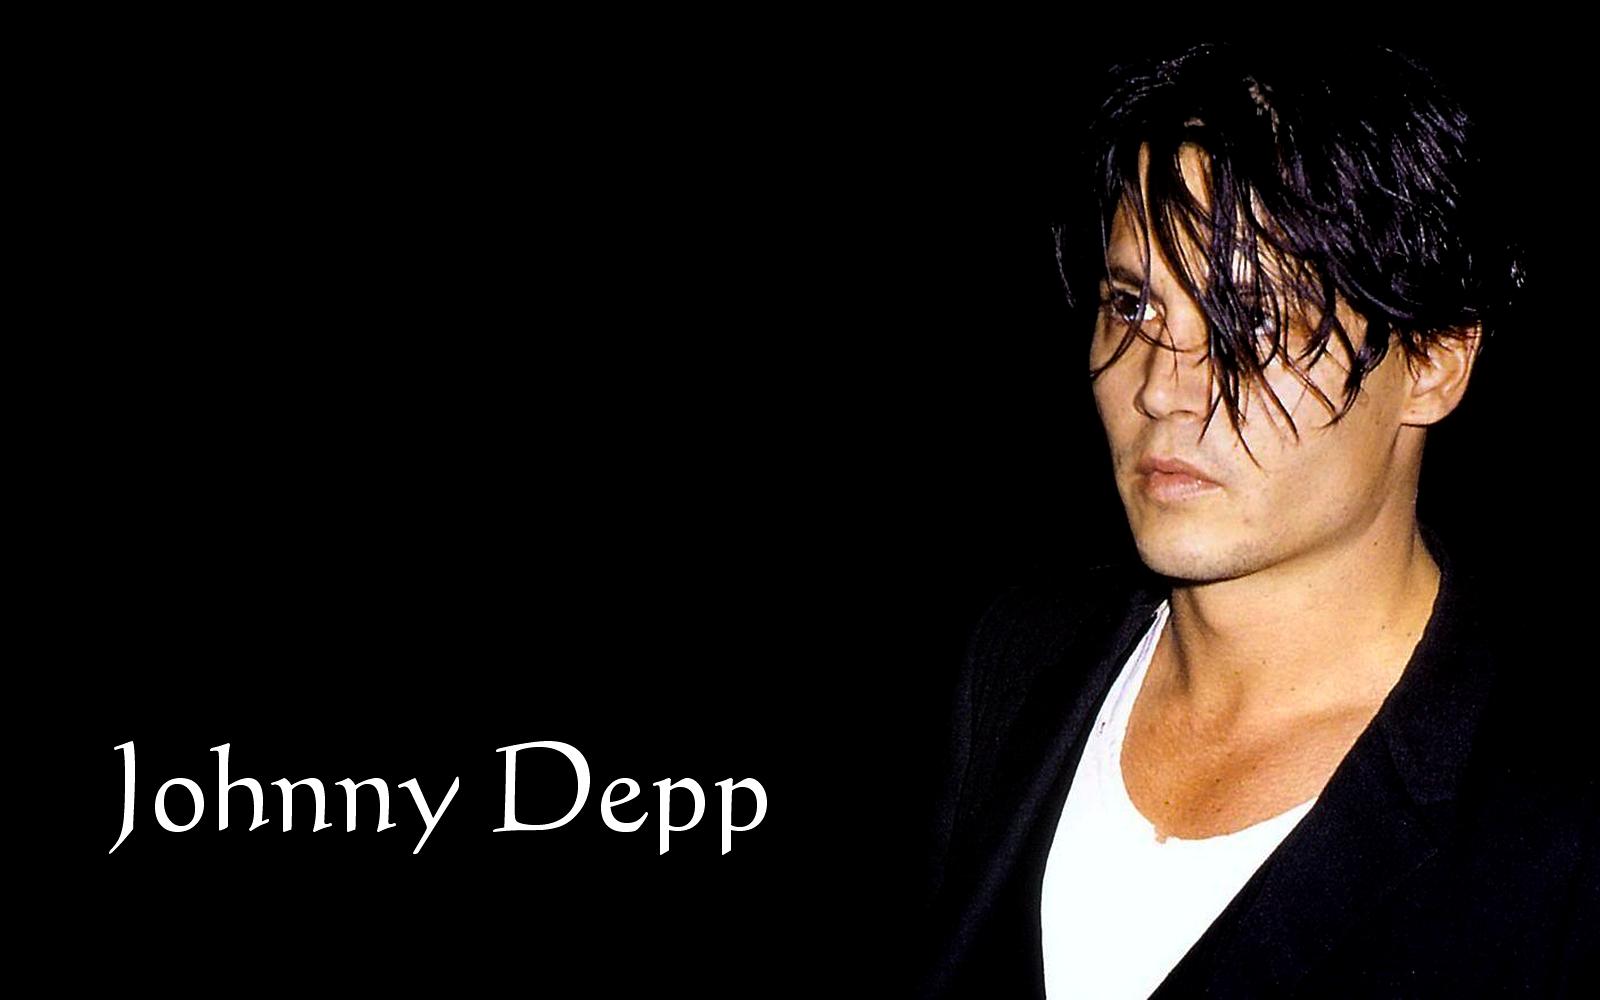 http://2.bp.blogspot.com/-e92nj-fjMgk/TzbX0W3sQqI/AAAAAAADVO0/n_2v3kwbSUw/s1600/Johnny%2BDepp%2BWallpaper%2B02.jpg